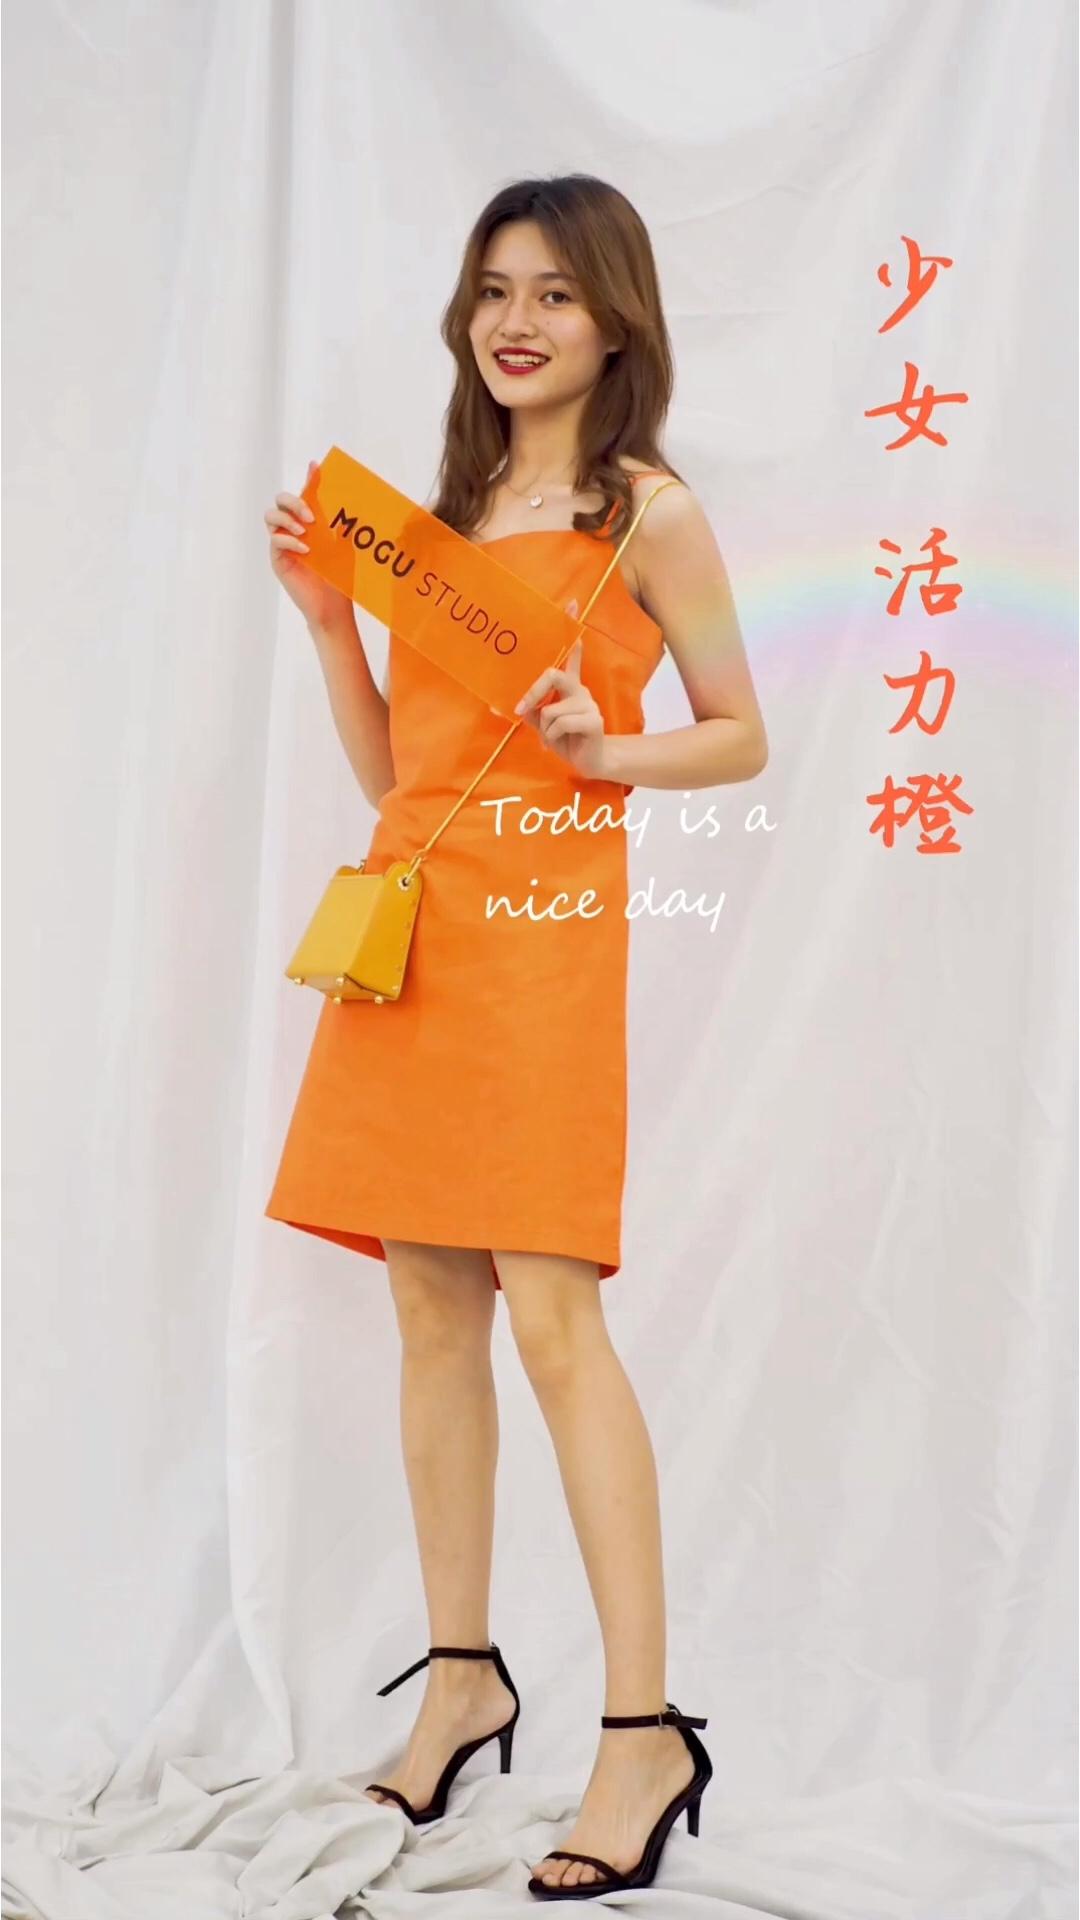 #活力橙~#  适合小个子的吊带裙 橙色活力满满 搭配黄色小包和黑色高跟鞋 时尚又气质